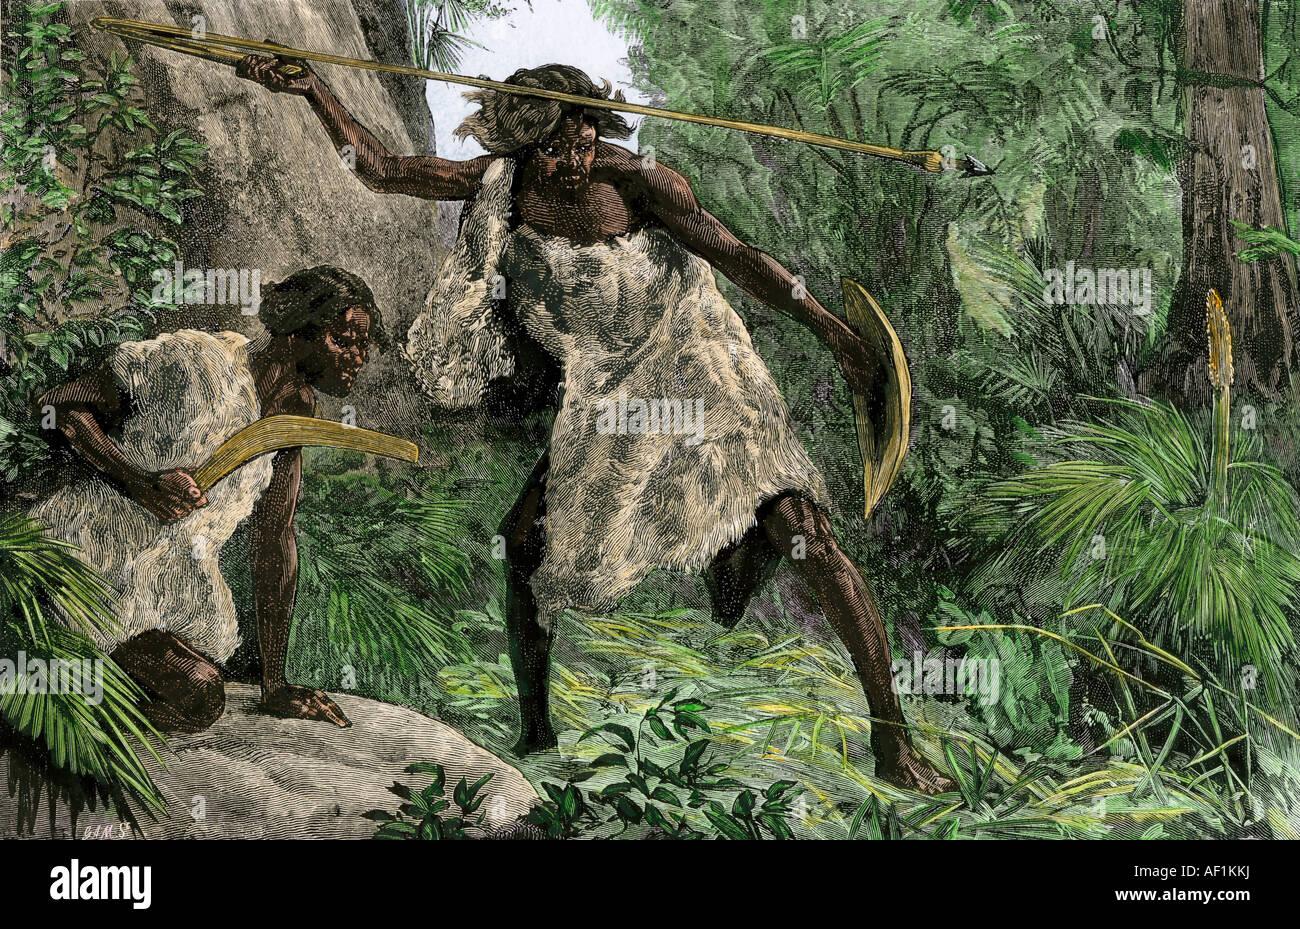 Los aborígenes la caza con un atlatl boomerang en un bosque australiano de 1800. Xilografía coloreada Imagen De Stock